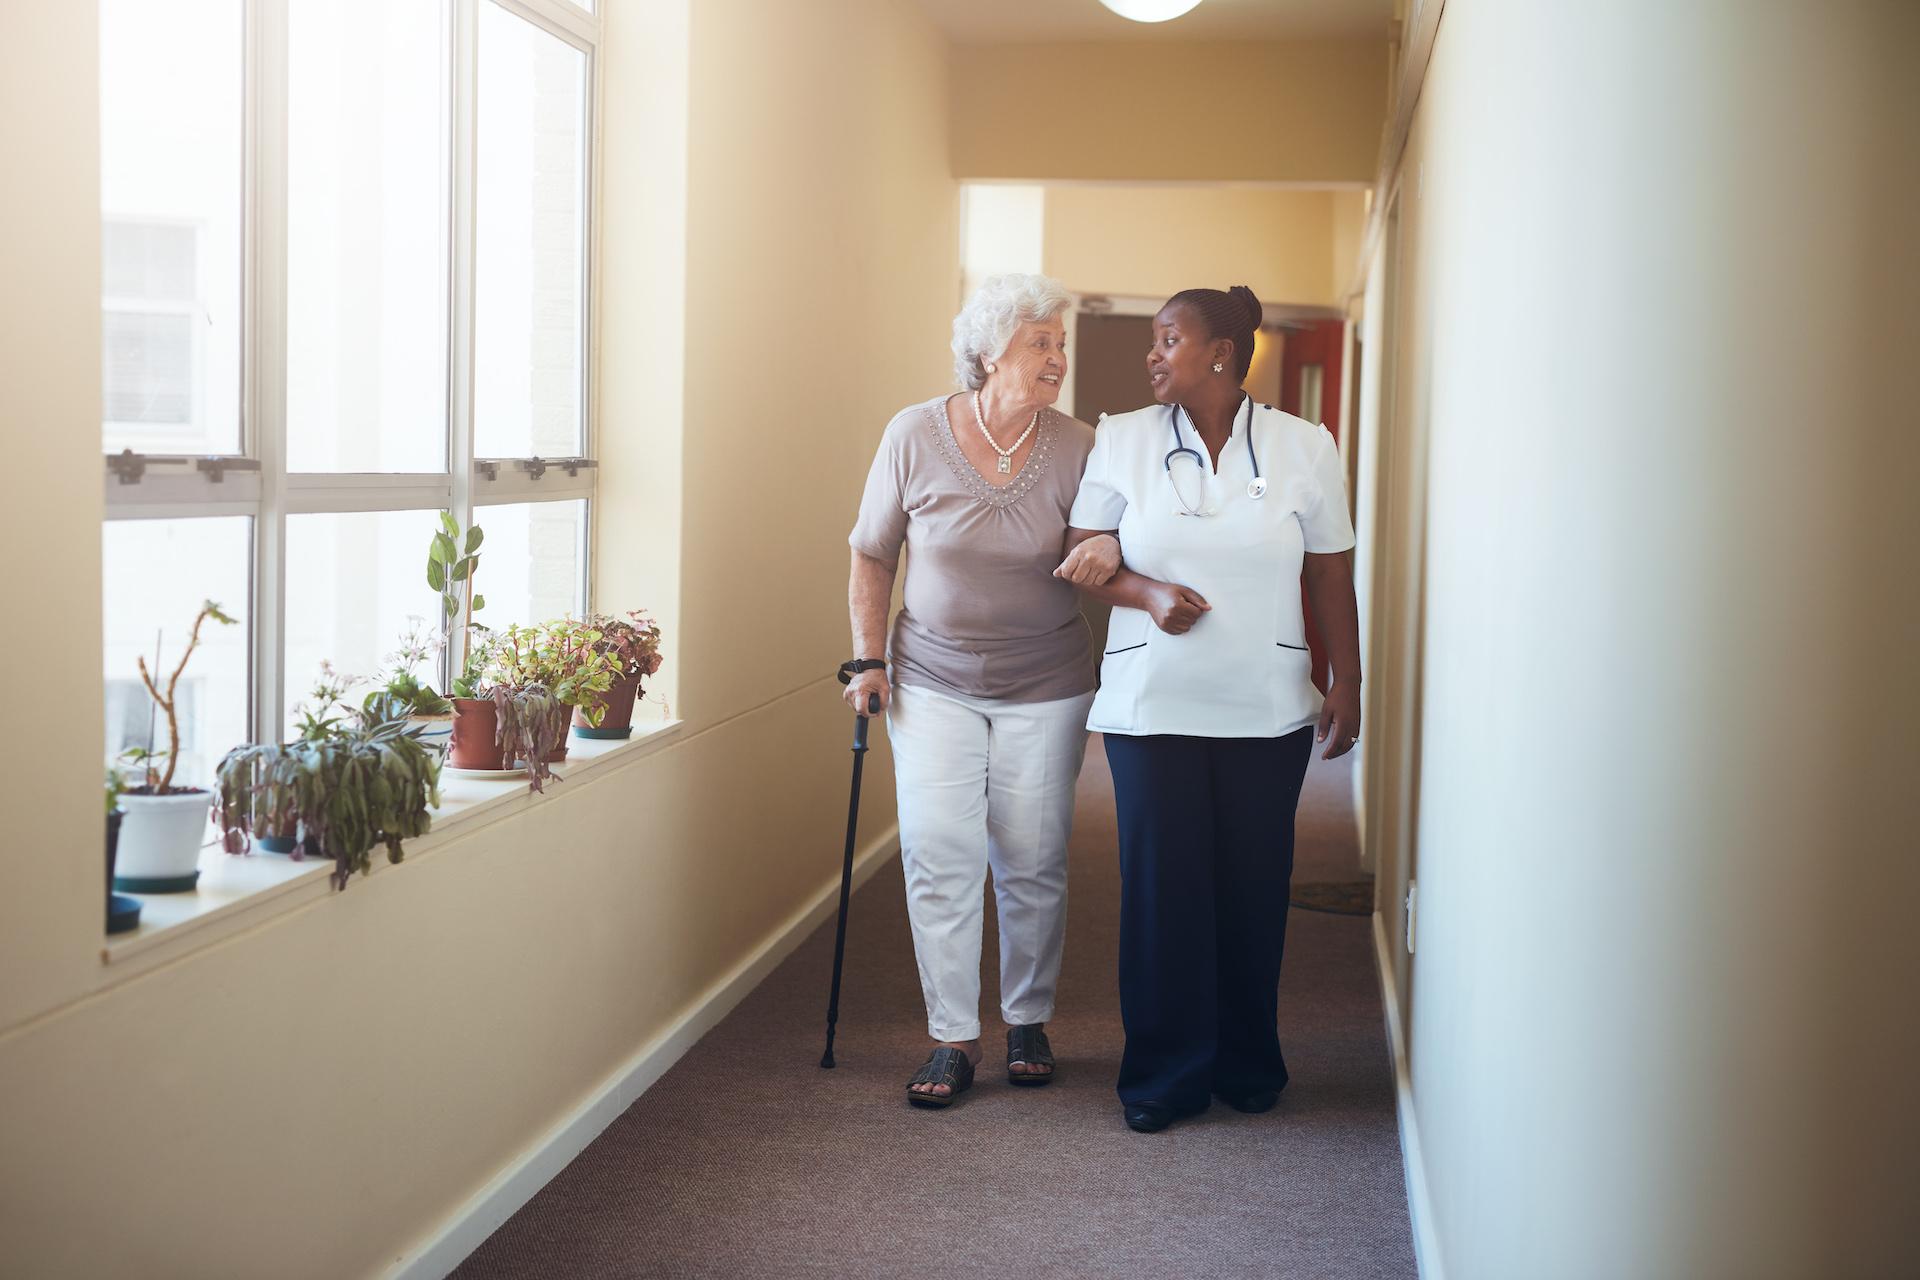 Senior woman walking with her nurse at nursing home